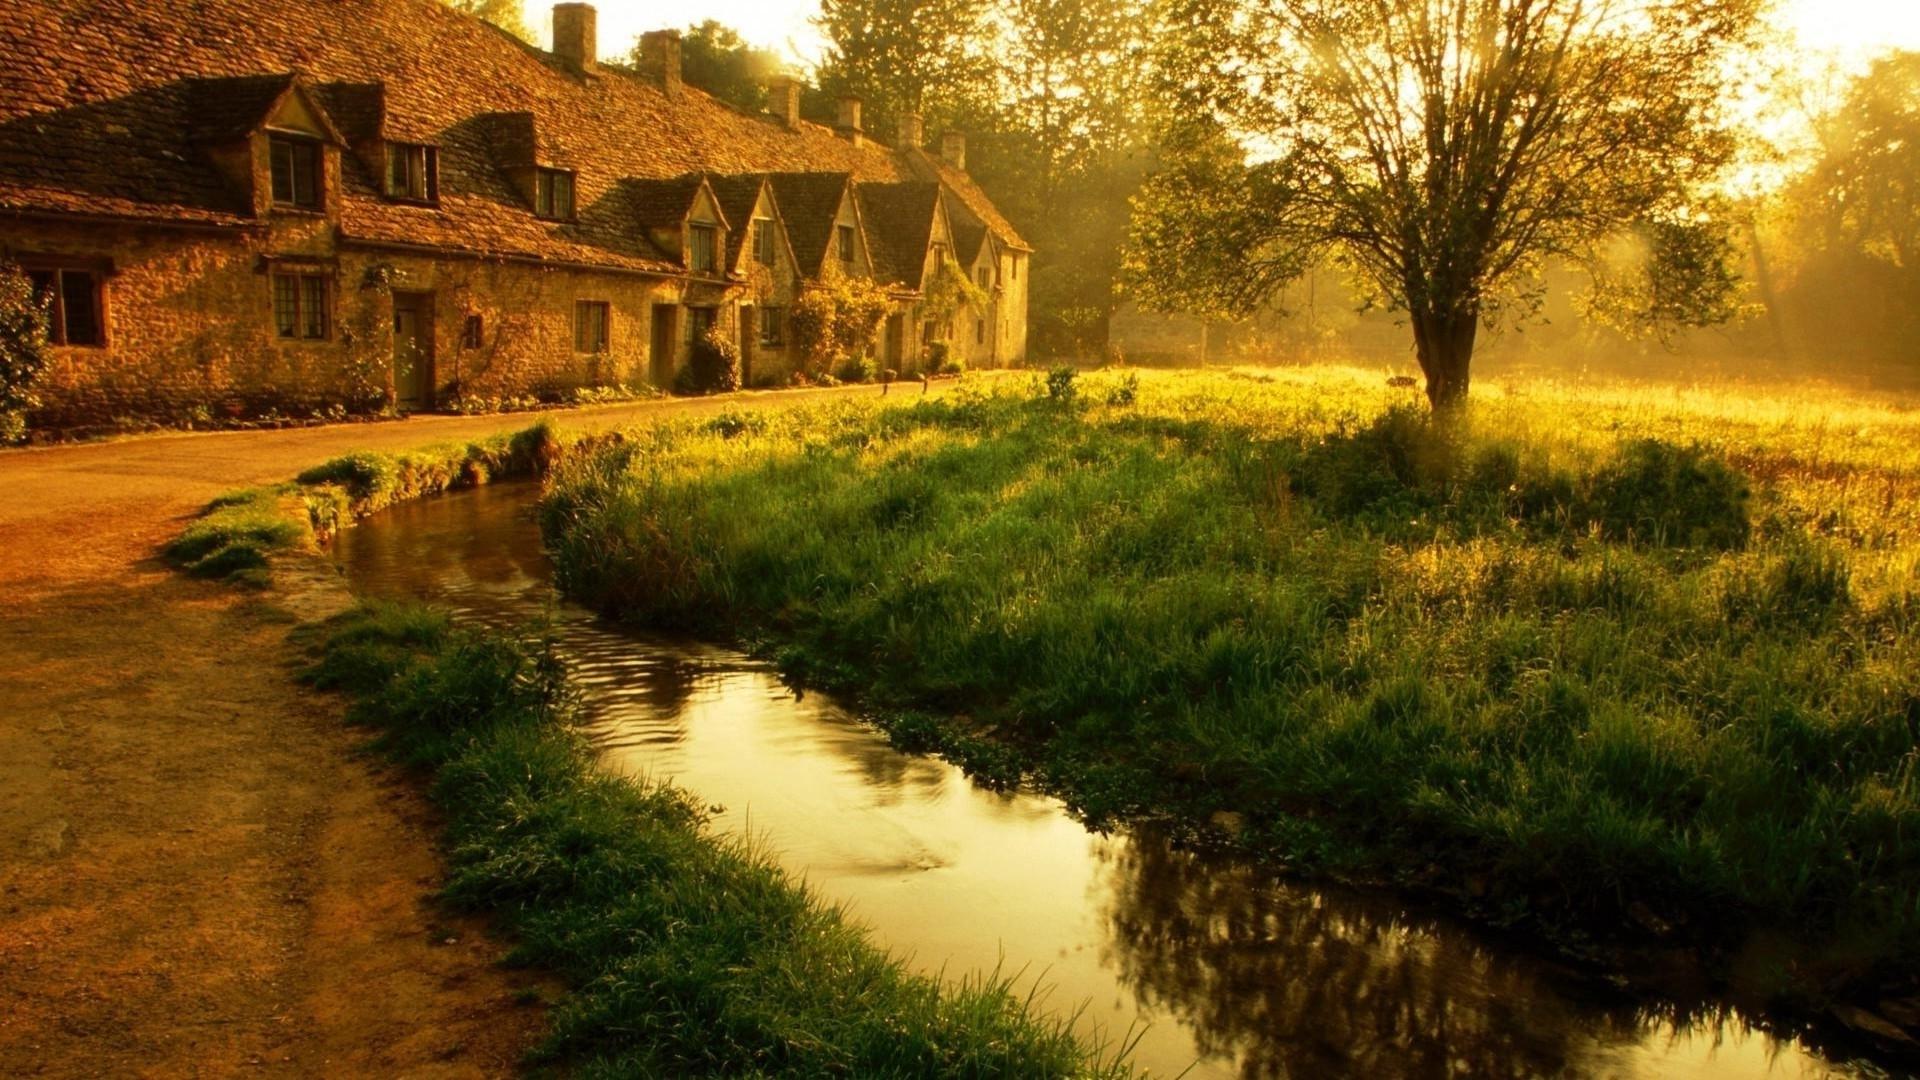 Leaf Village Wallpaper image hd